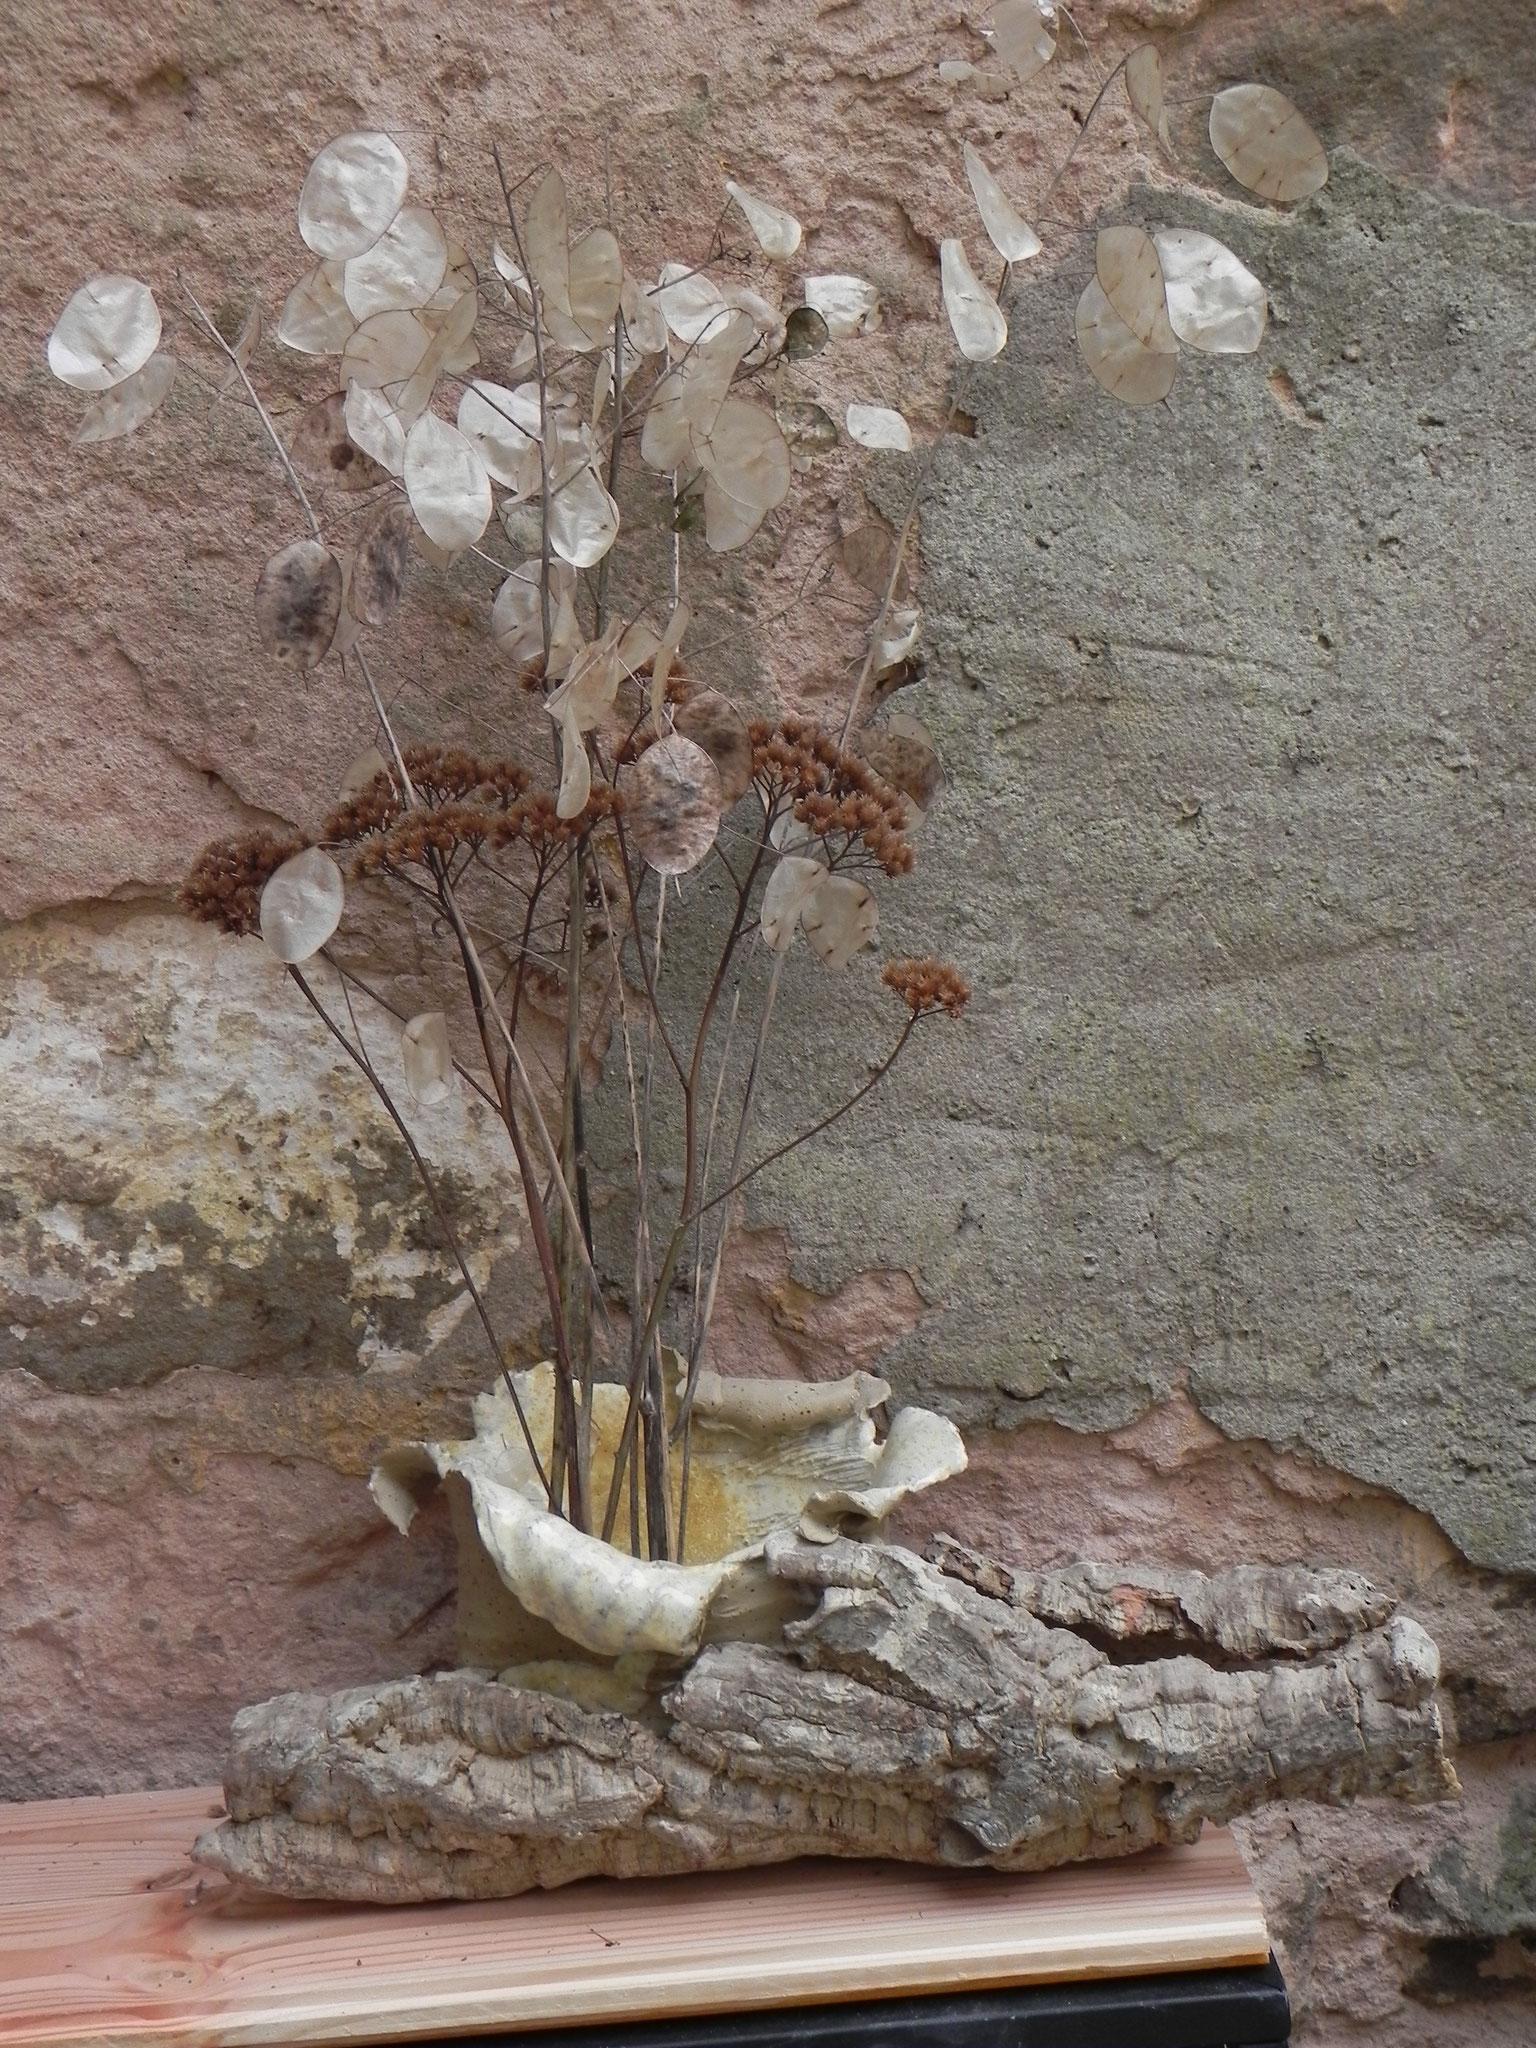 Vasenobjekt in angeschwemmter Korkeichenrinde